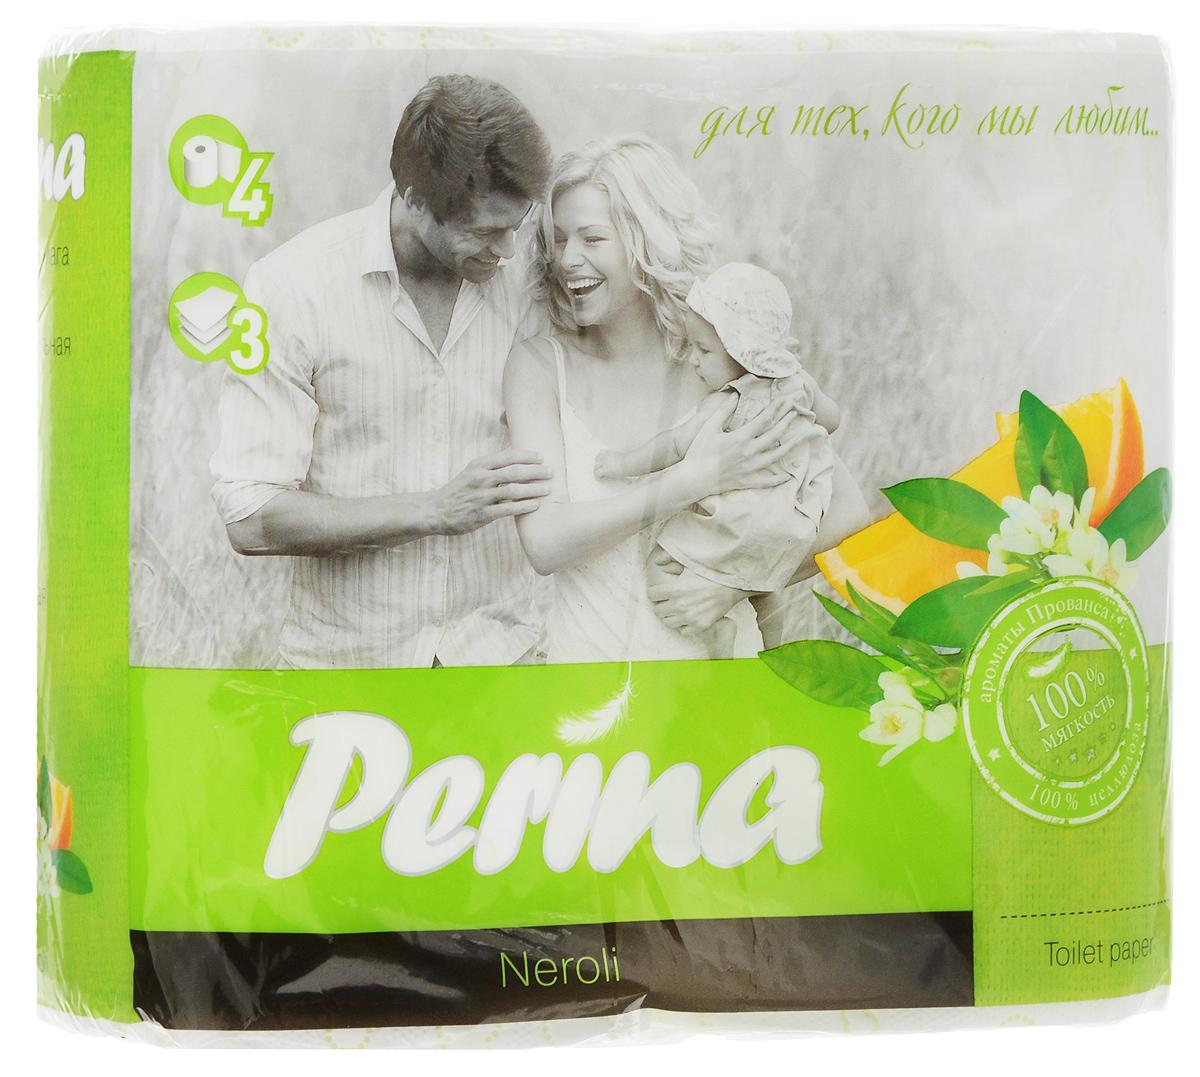 Бумага туалетная Perina Neroli, ароматизированная, трехслойная, 4 рулона190Ароматизированная туалетная бумага Perina Neroli выполнена из натуральной целлюлозы и обладает приятным ароматом. Трехслойная туалетная бумага мягкая, нежная, но в тоже время прочная. Листы имеют рисунок с перфорацией. Длина рулона: 18,8 м. Количество листов: 150 шт. Количество слоев: 3. Размер листа: 12,5 х 9,4 см. Состав: 100% целлюлоза.